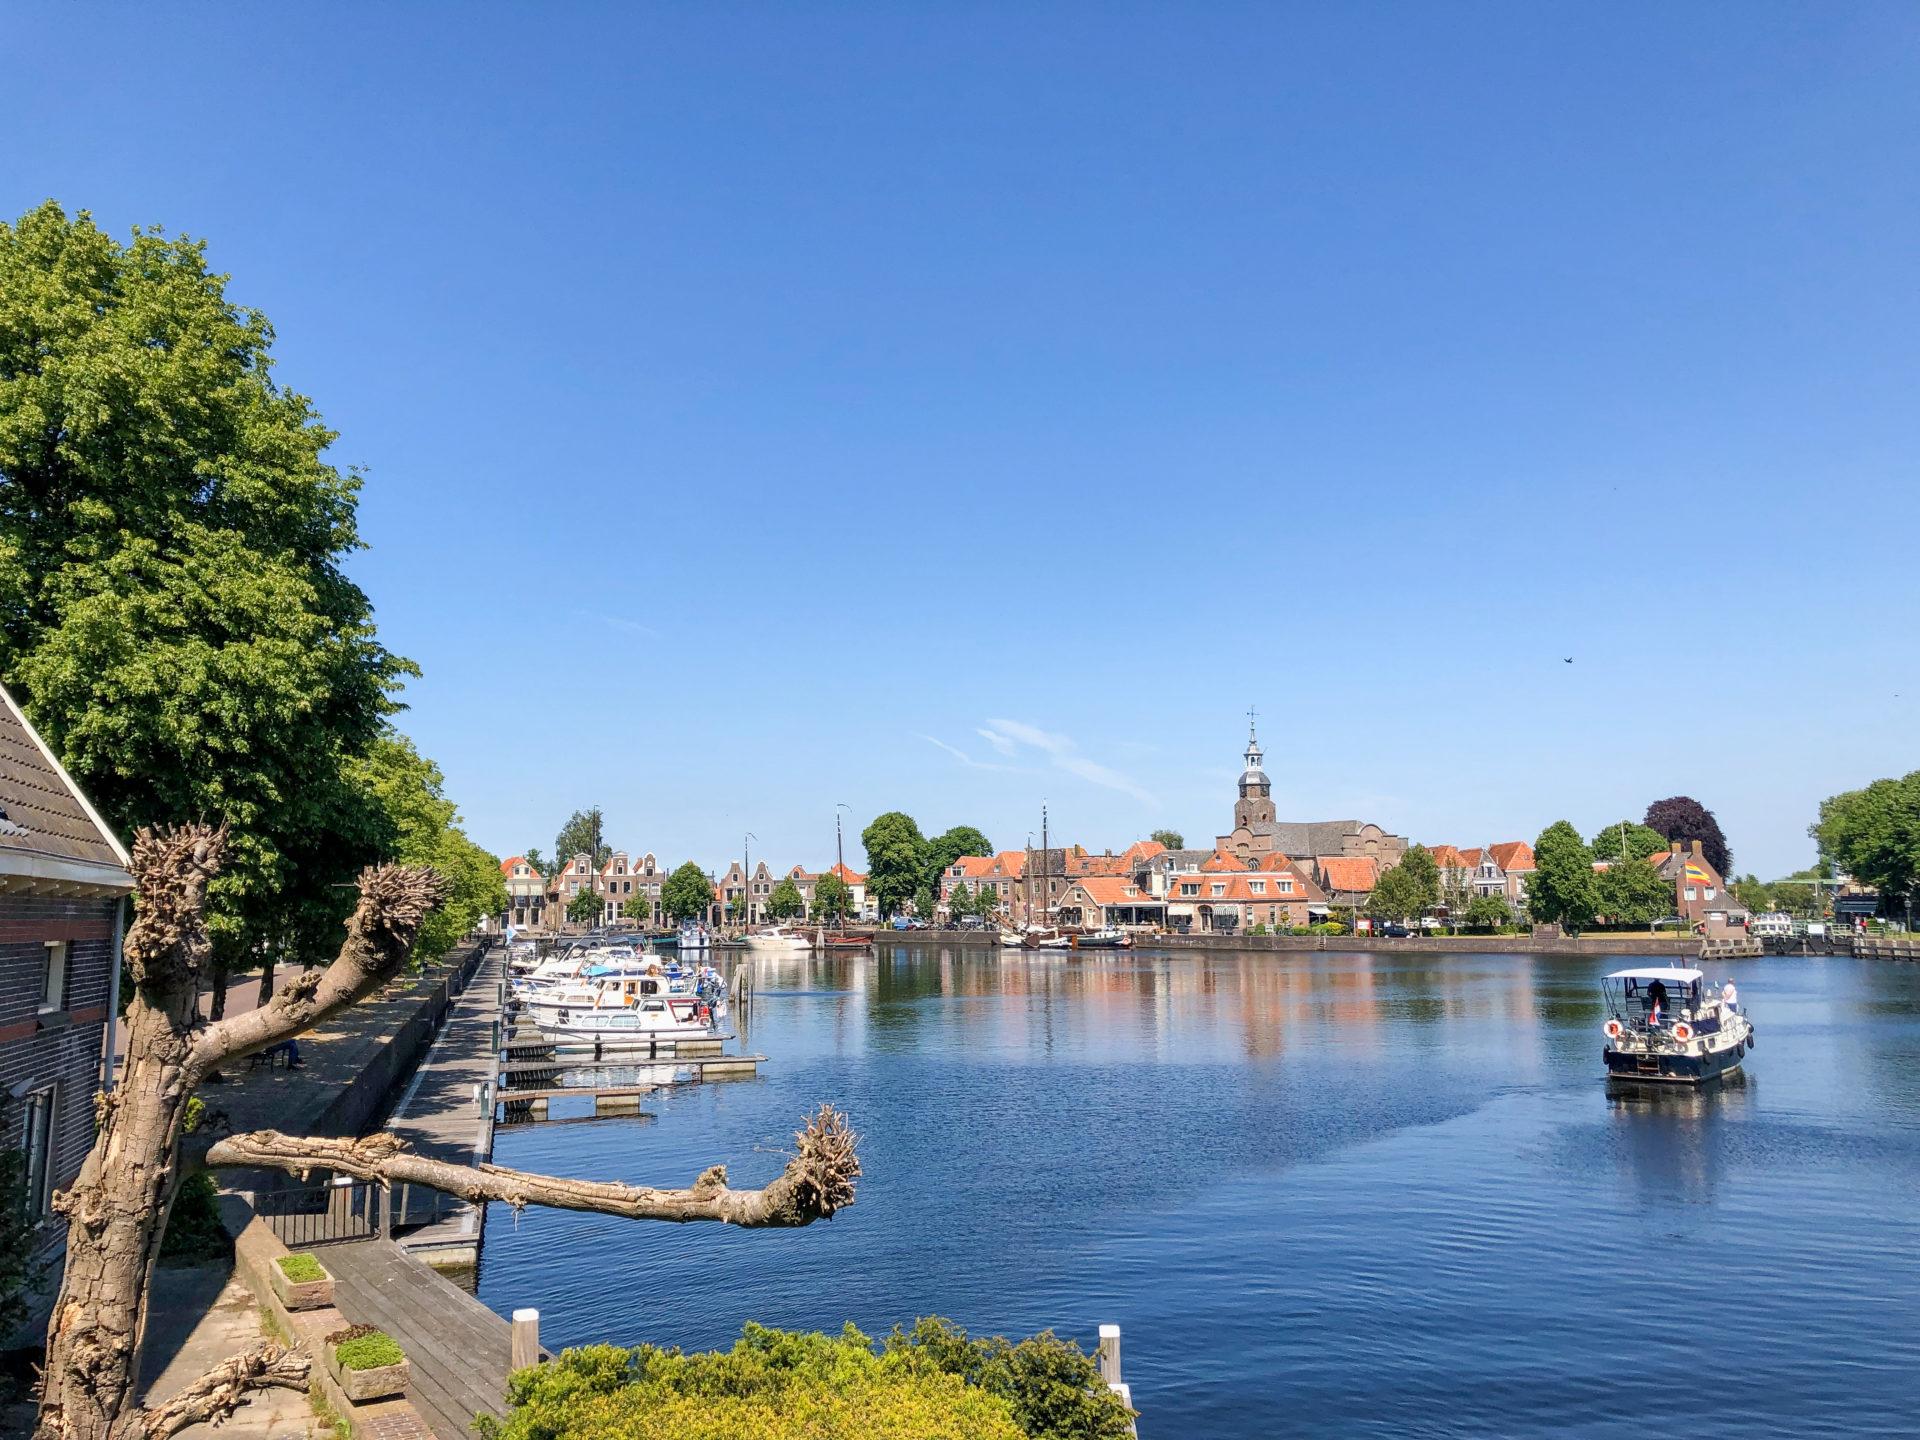 Die Hafeneinfahrt von Blokzijl in der von Giethoorn in den Niederlanden